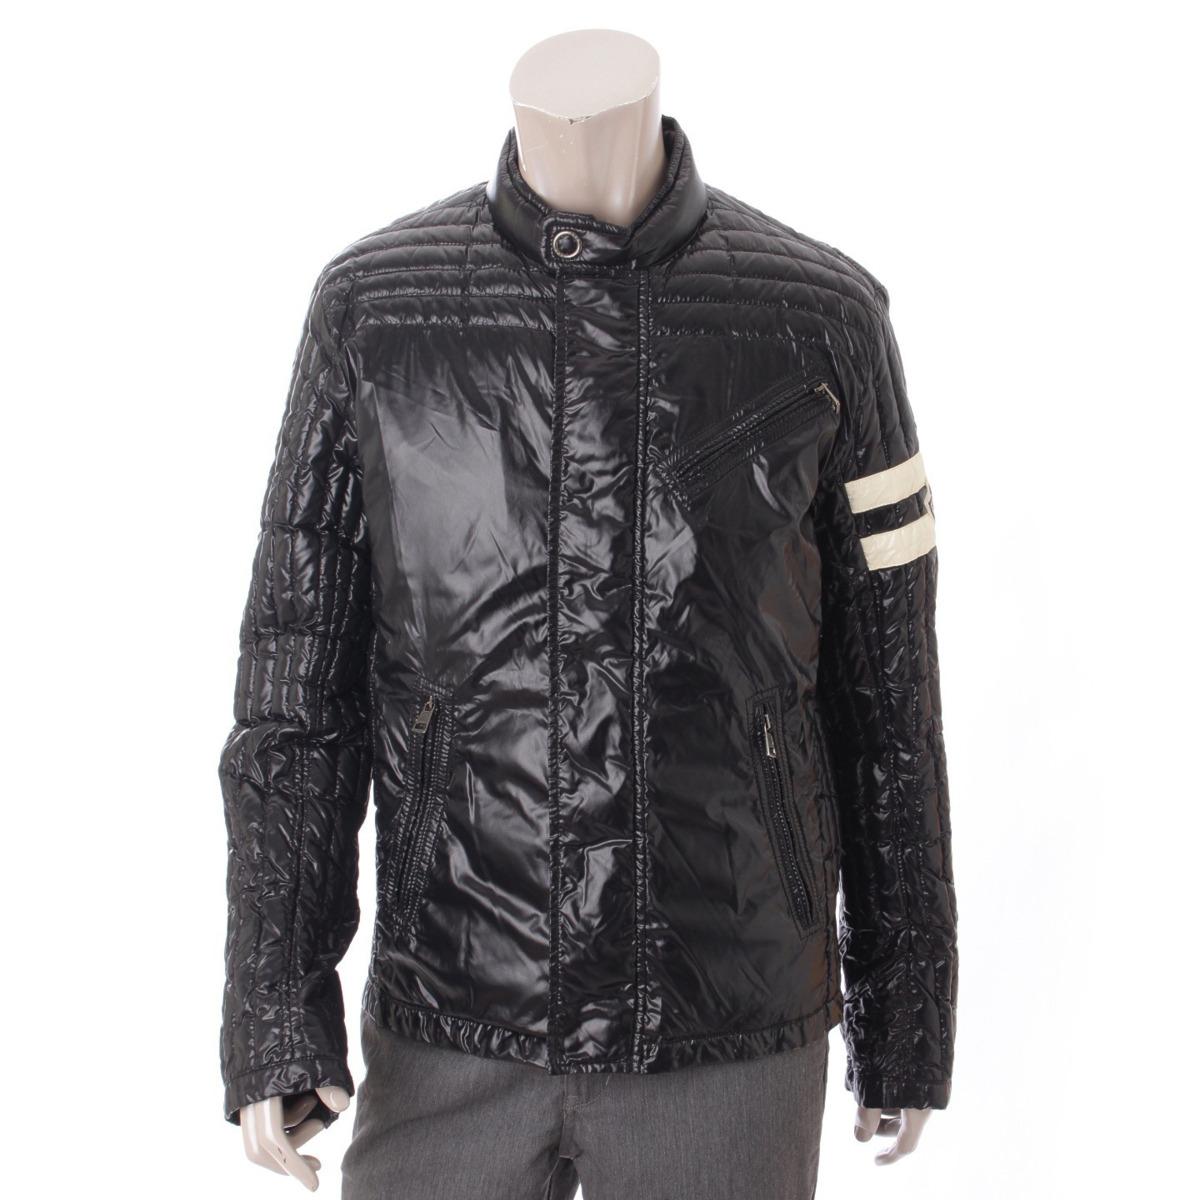 【モンクレール】Moncler メンズ キャスパー CASPER ダウンジャケット 40346 ブラック 3 【中古】【鑑定済・正規品保証】55724